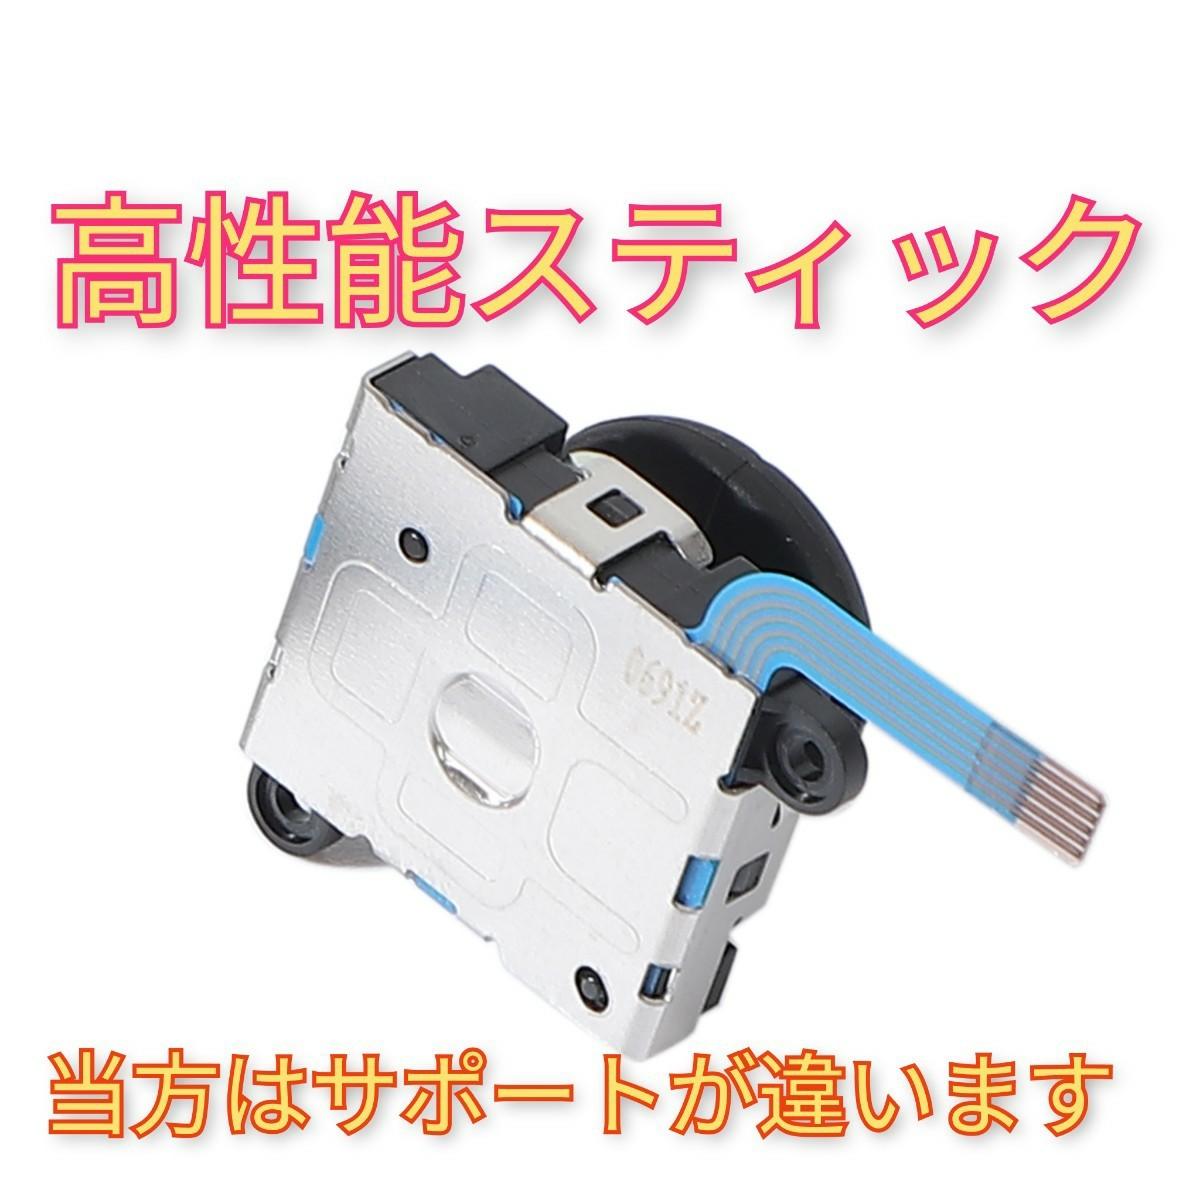 任天堂 ジョイコン修理キット  交換用アナログスティック高性能スティック ドライバー 大人気商品